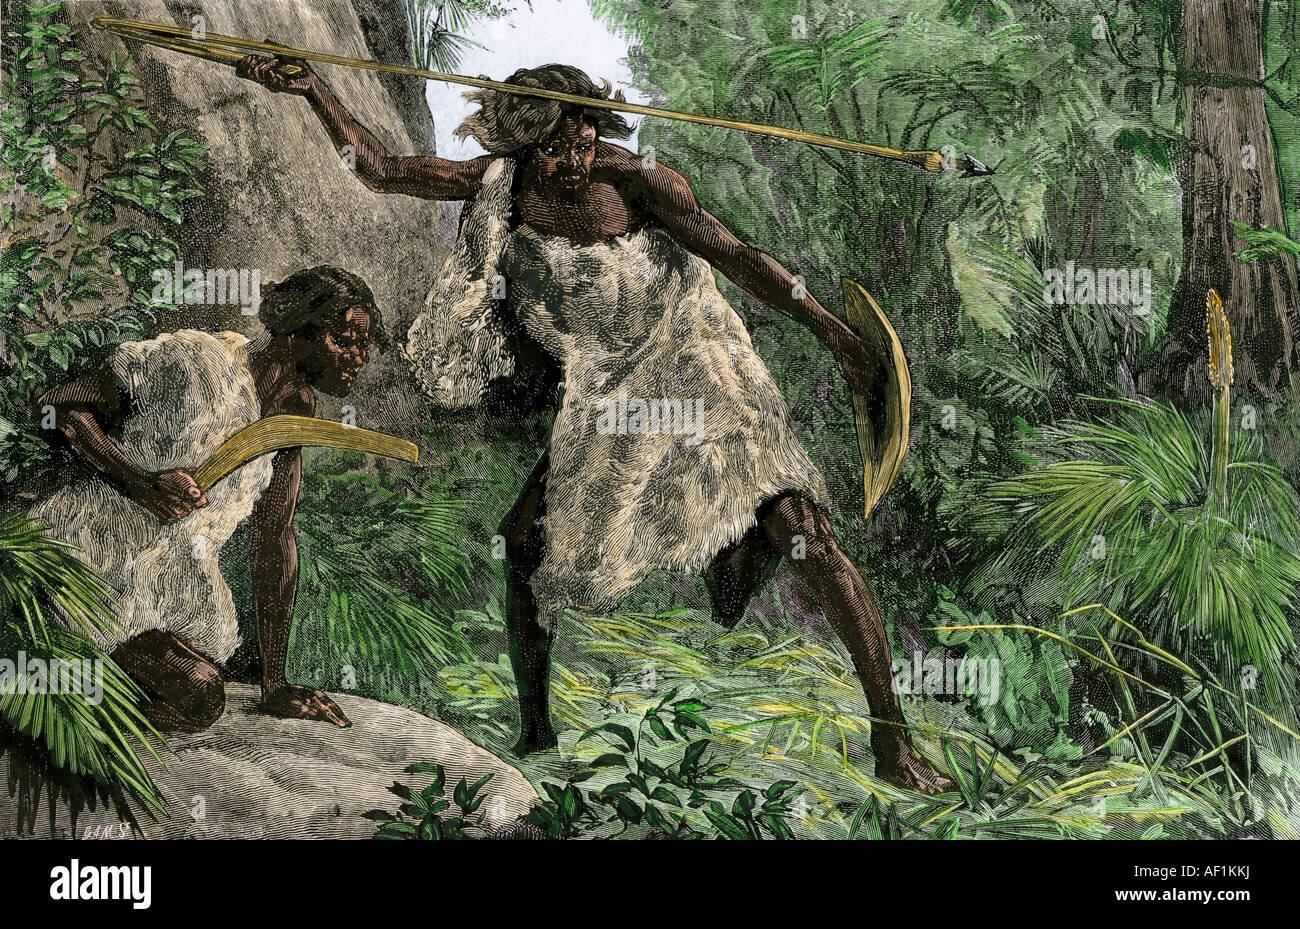 La chasse avec des aborigènes un atlatl boomerang dans un forêt australienne des années 1800. À Photo Stock